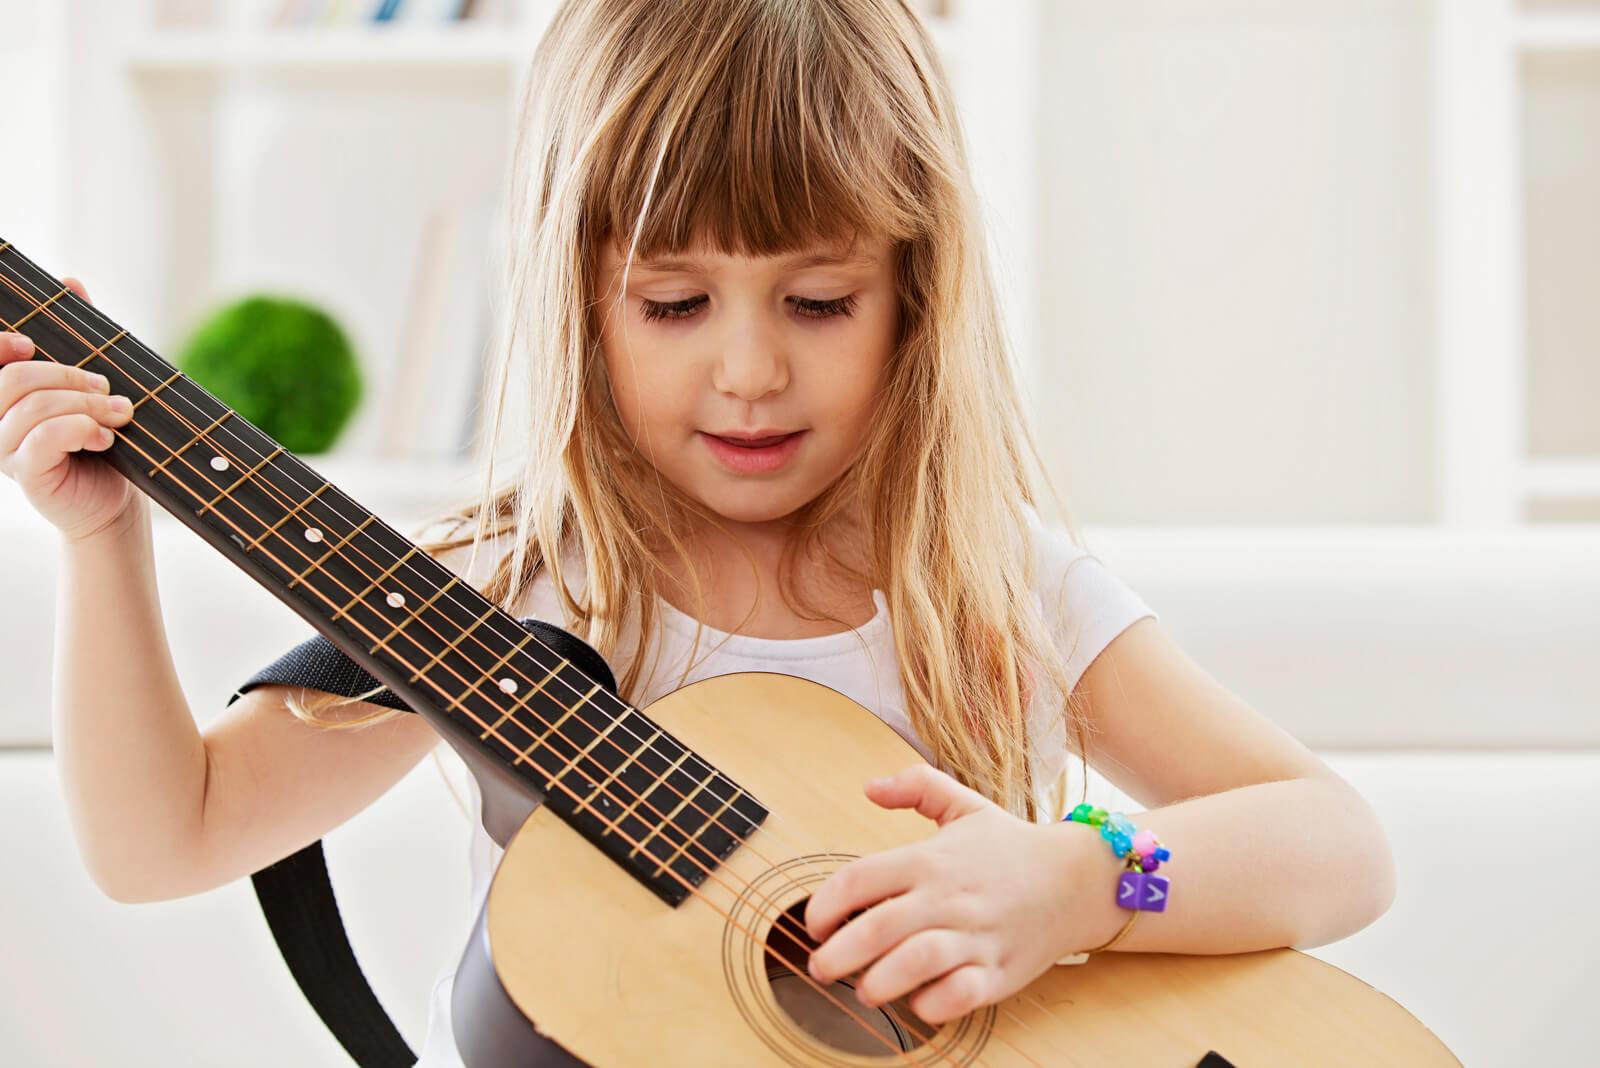 Kleines Mädchen spielt auf der Gitarre